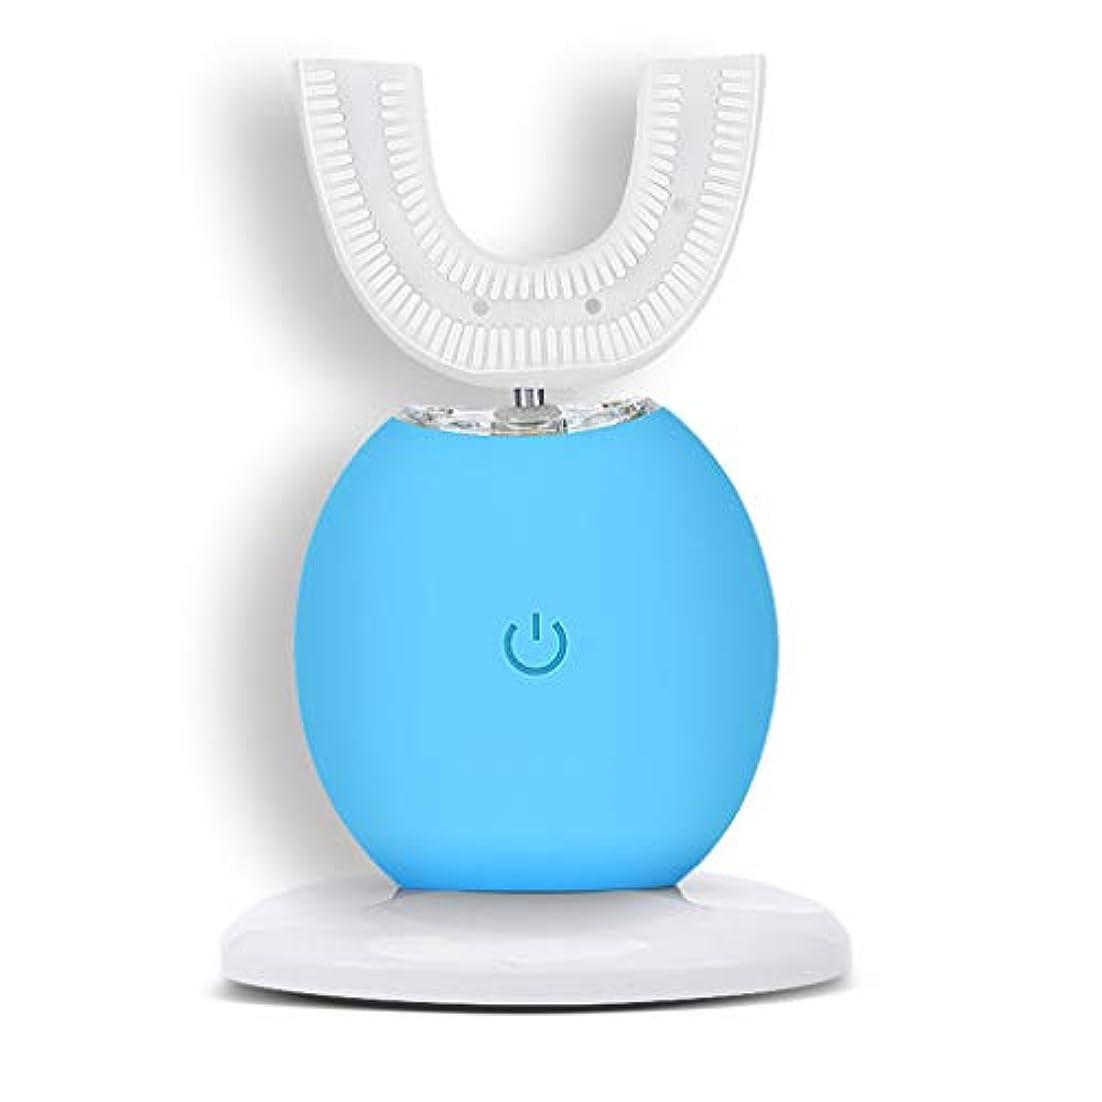 予測導入する混乱させる自動電動歯ブラシインテリジェント超音波ホワイトニング防水カップルブレース怠惰なブラッシングアーティファクト (色 : 青)